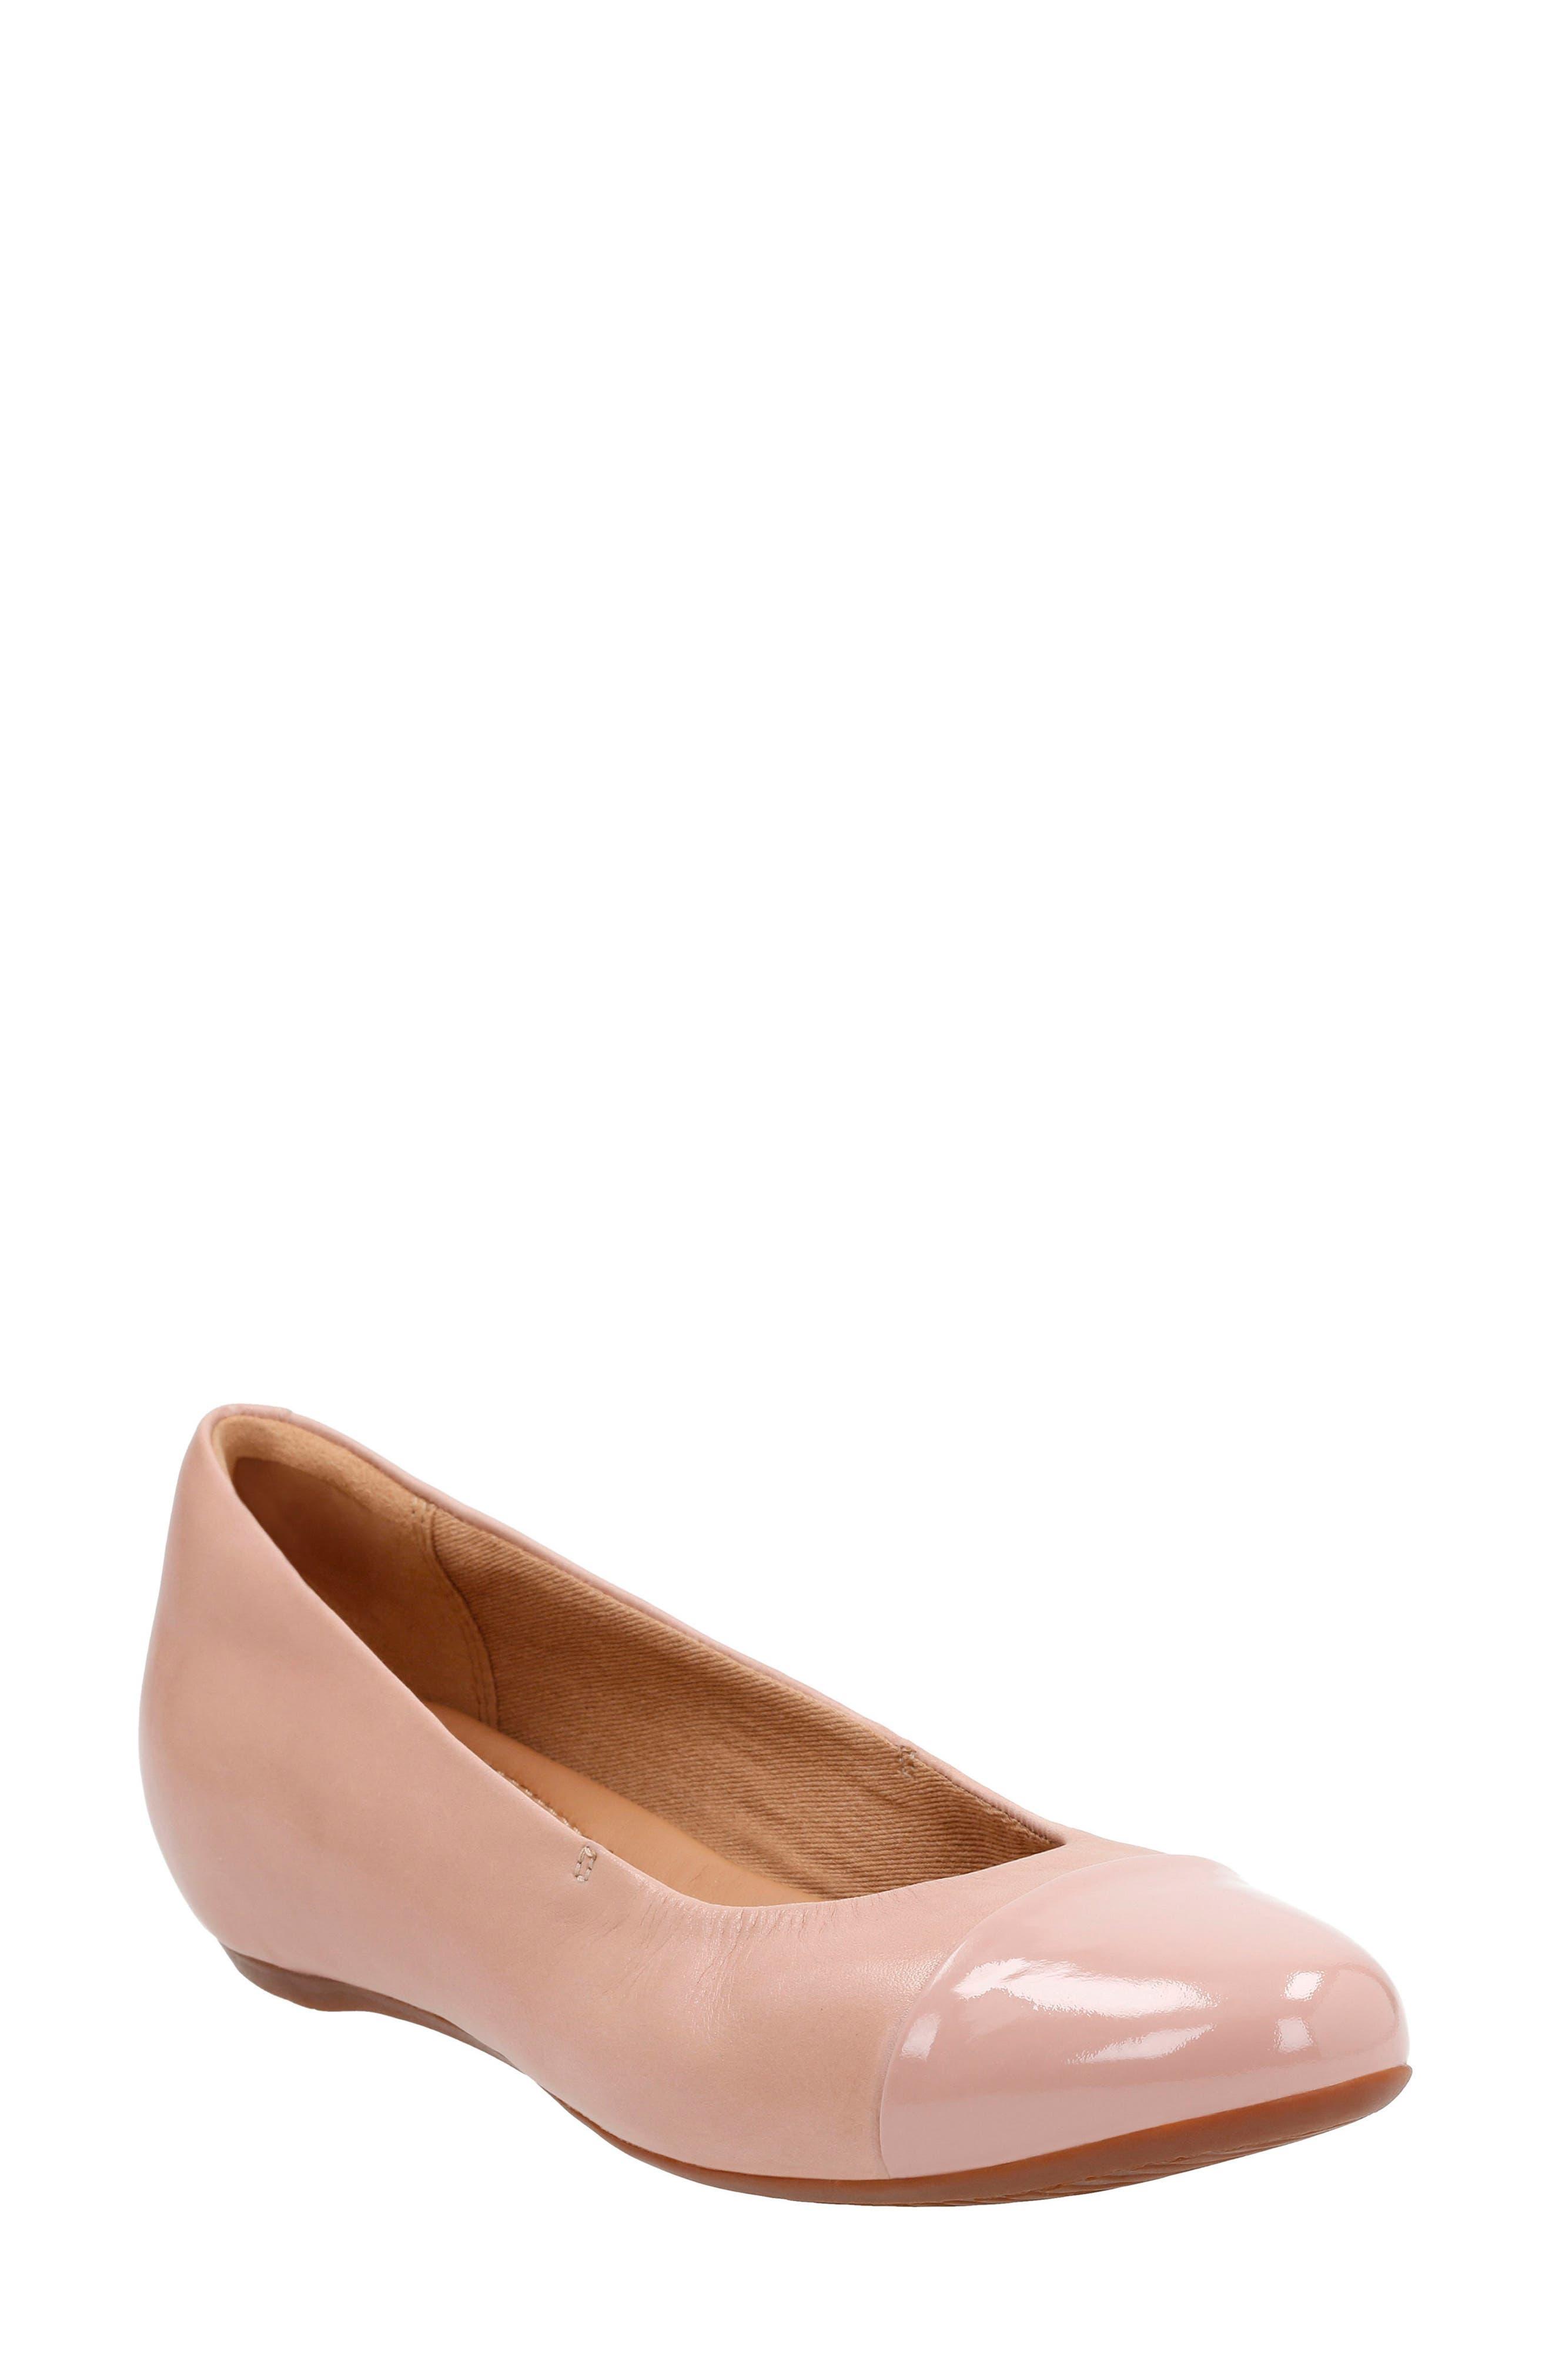 Clarks® 'Alitay Susan' Cap Toe Flat (Women)